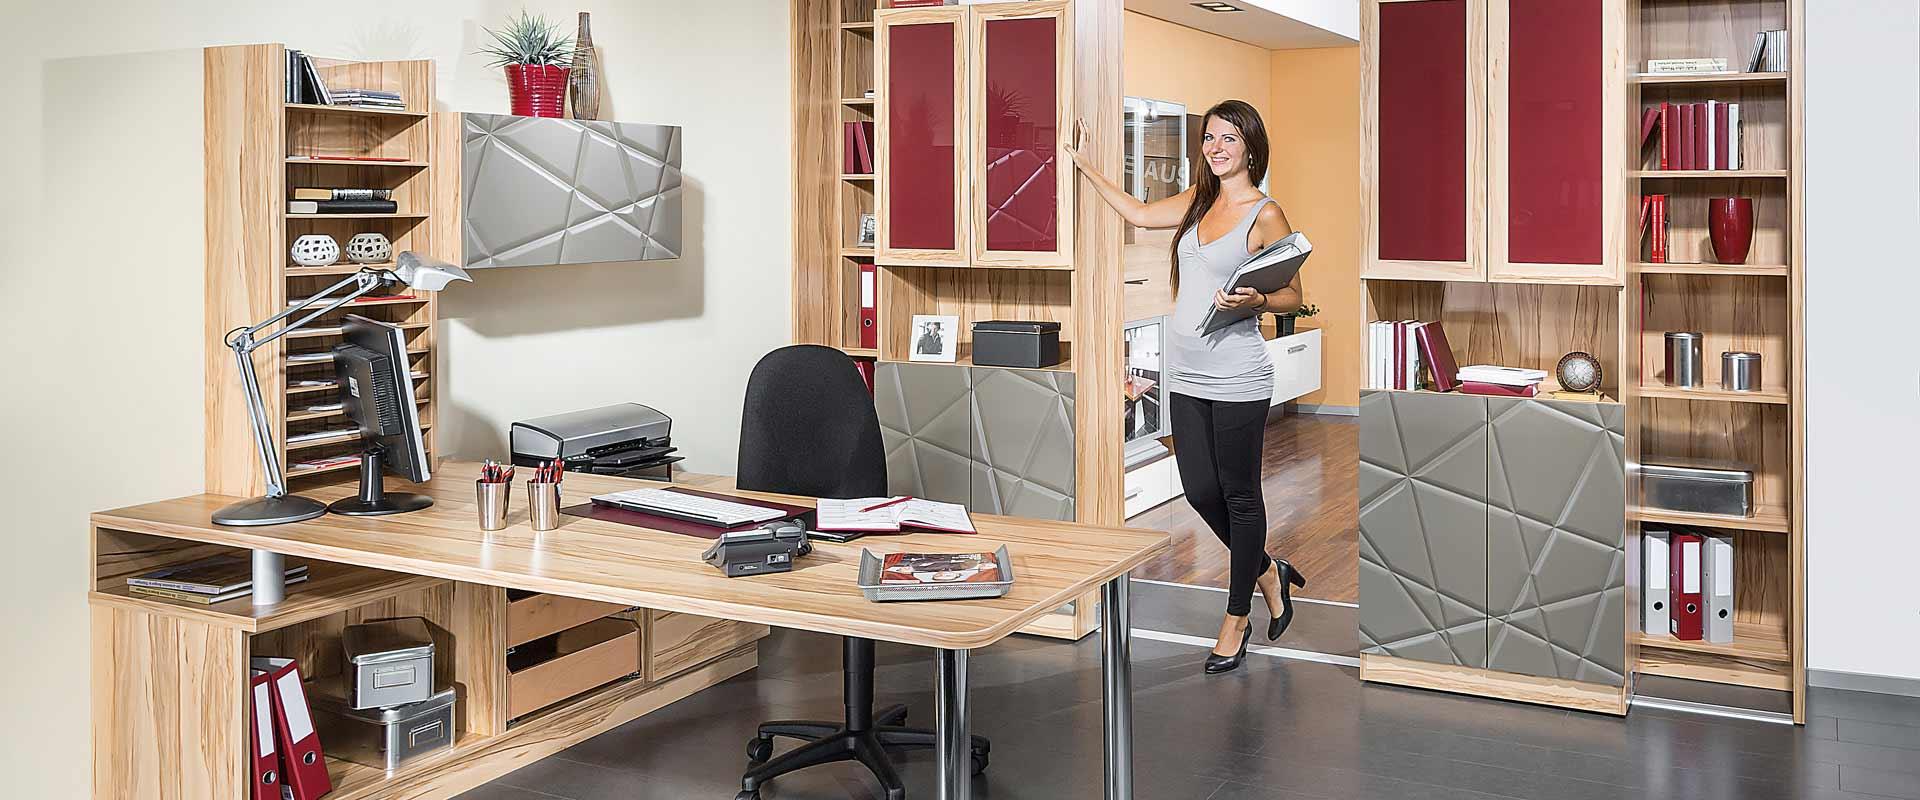 Kanceláře | office